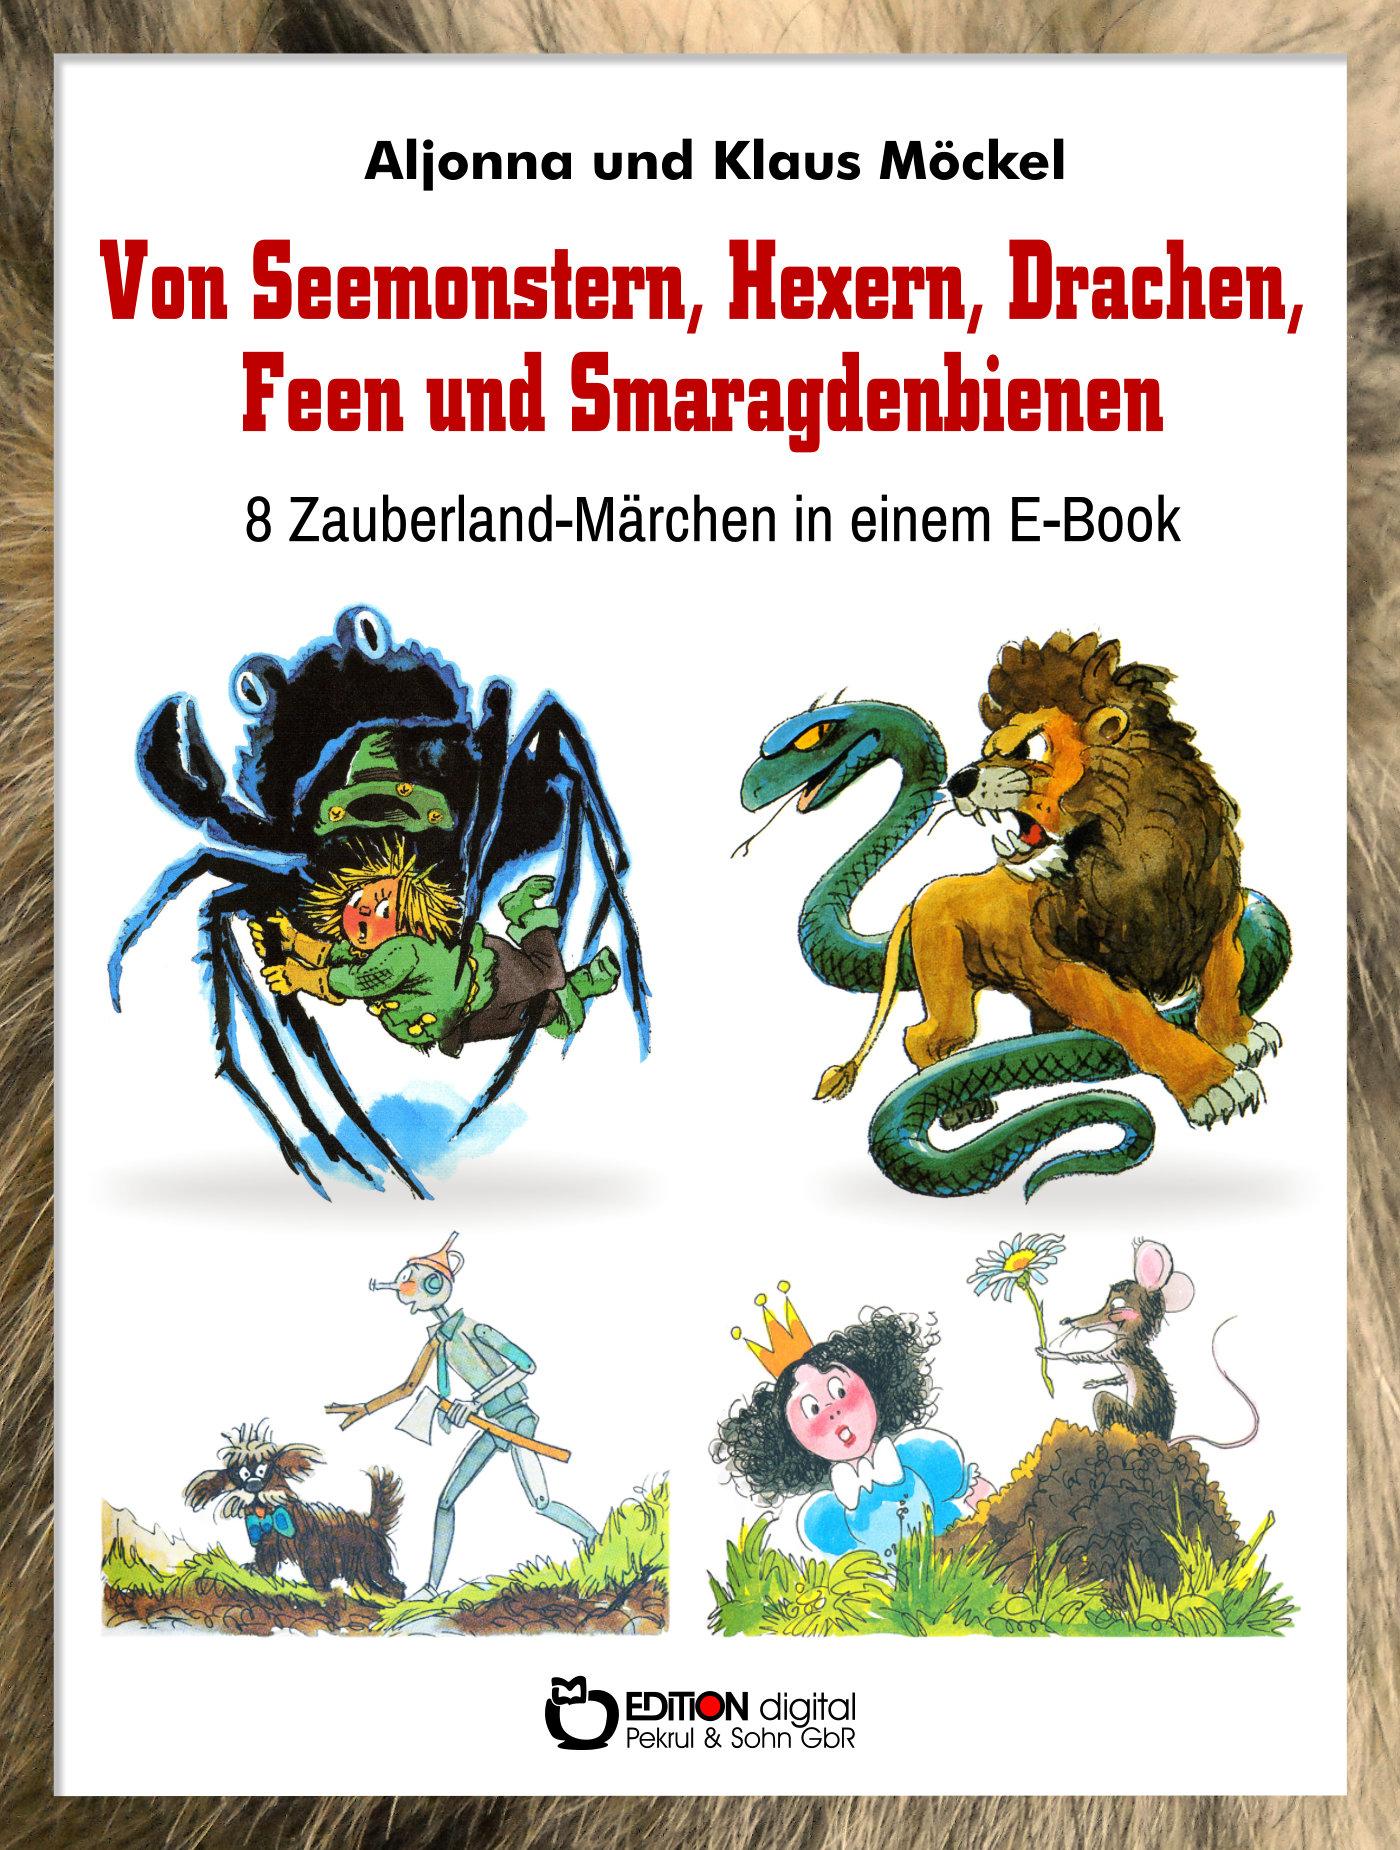 Von Seemonstern, Hexern, Drachen, Feen und Smaragdenbienen. 8 Zauberland-Märchen in einem E-Book von Klaus Möckel, Aljonna Möckel (Autor)